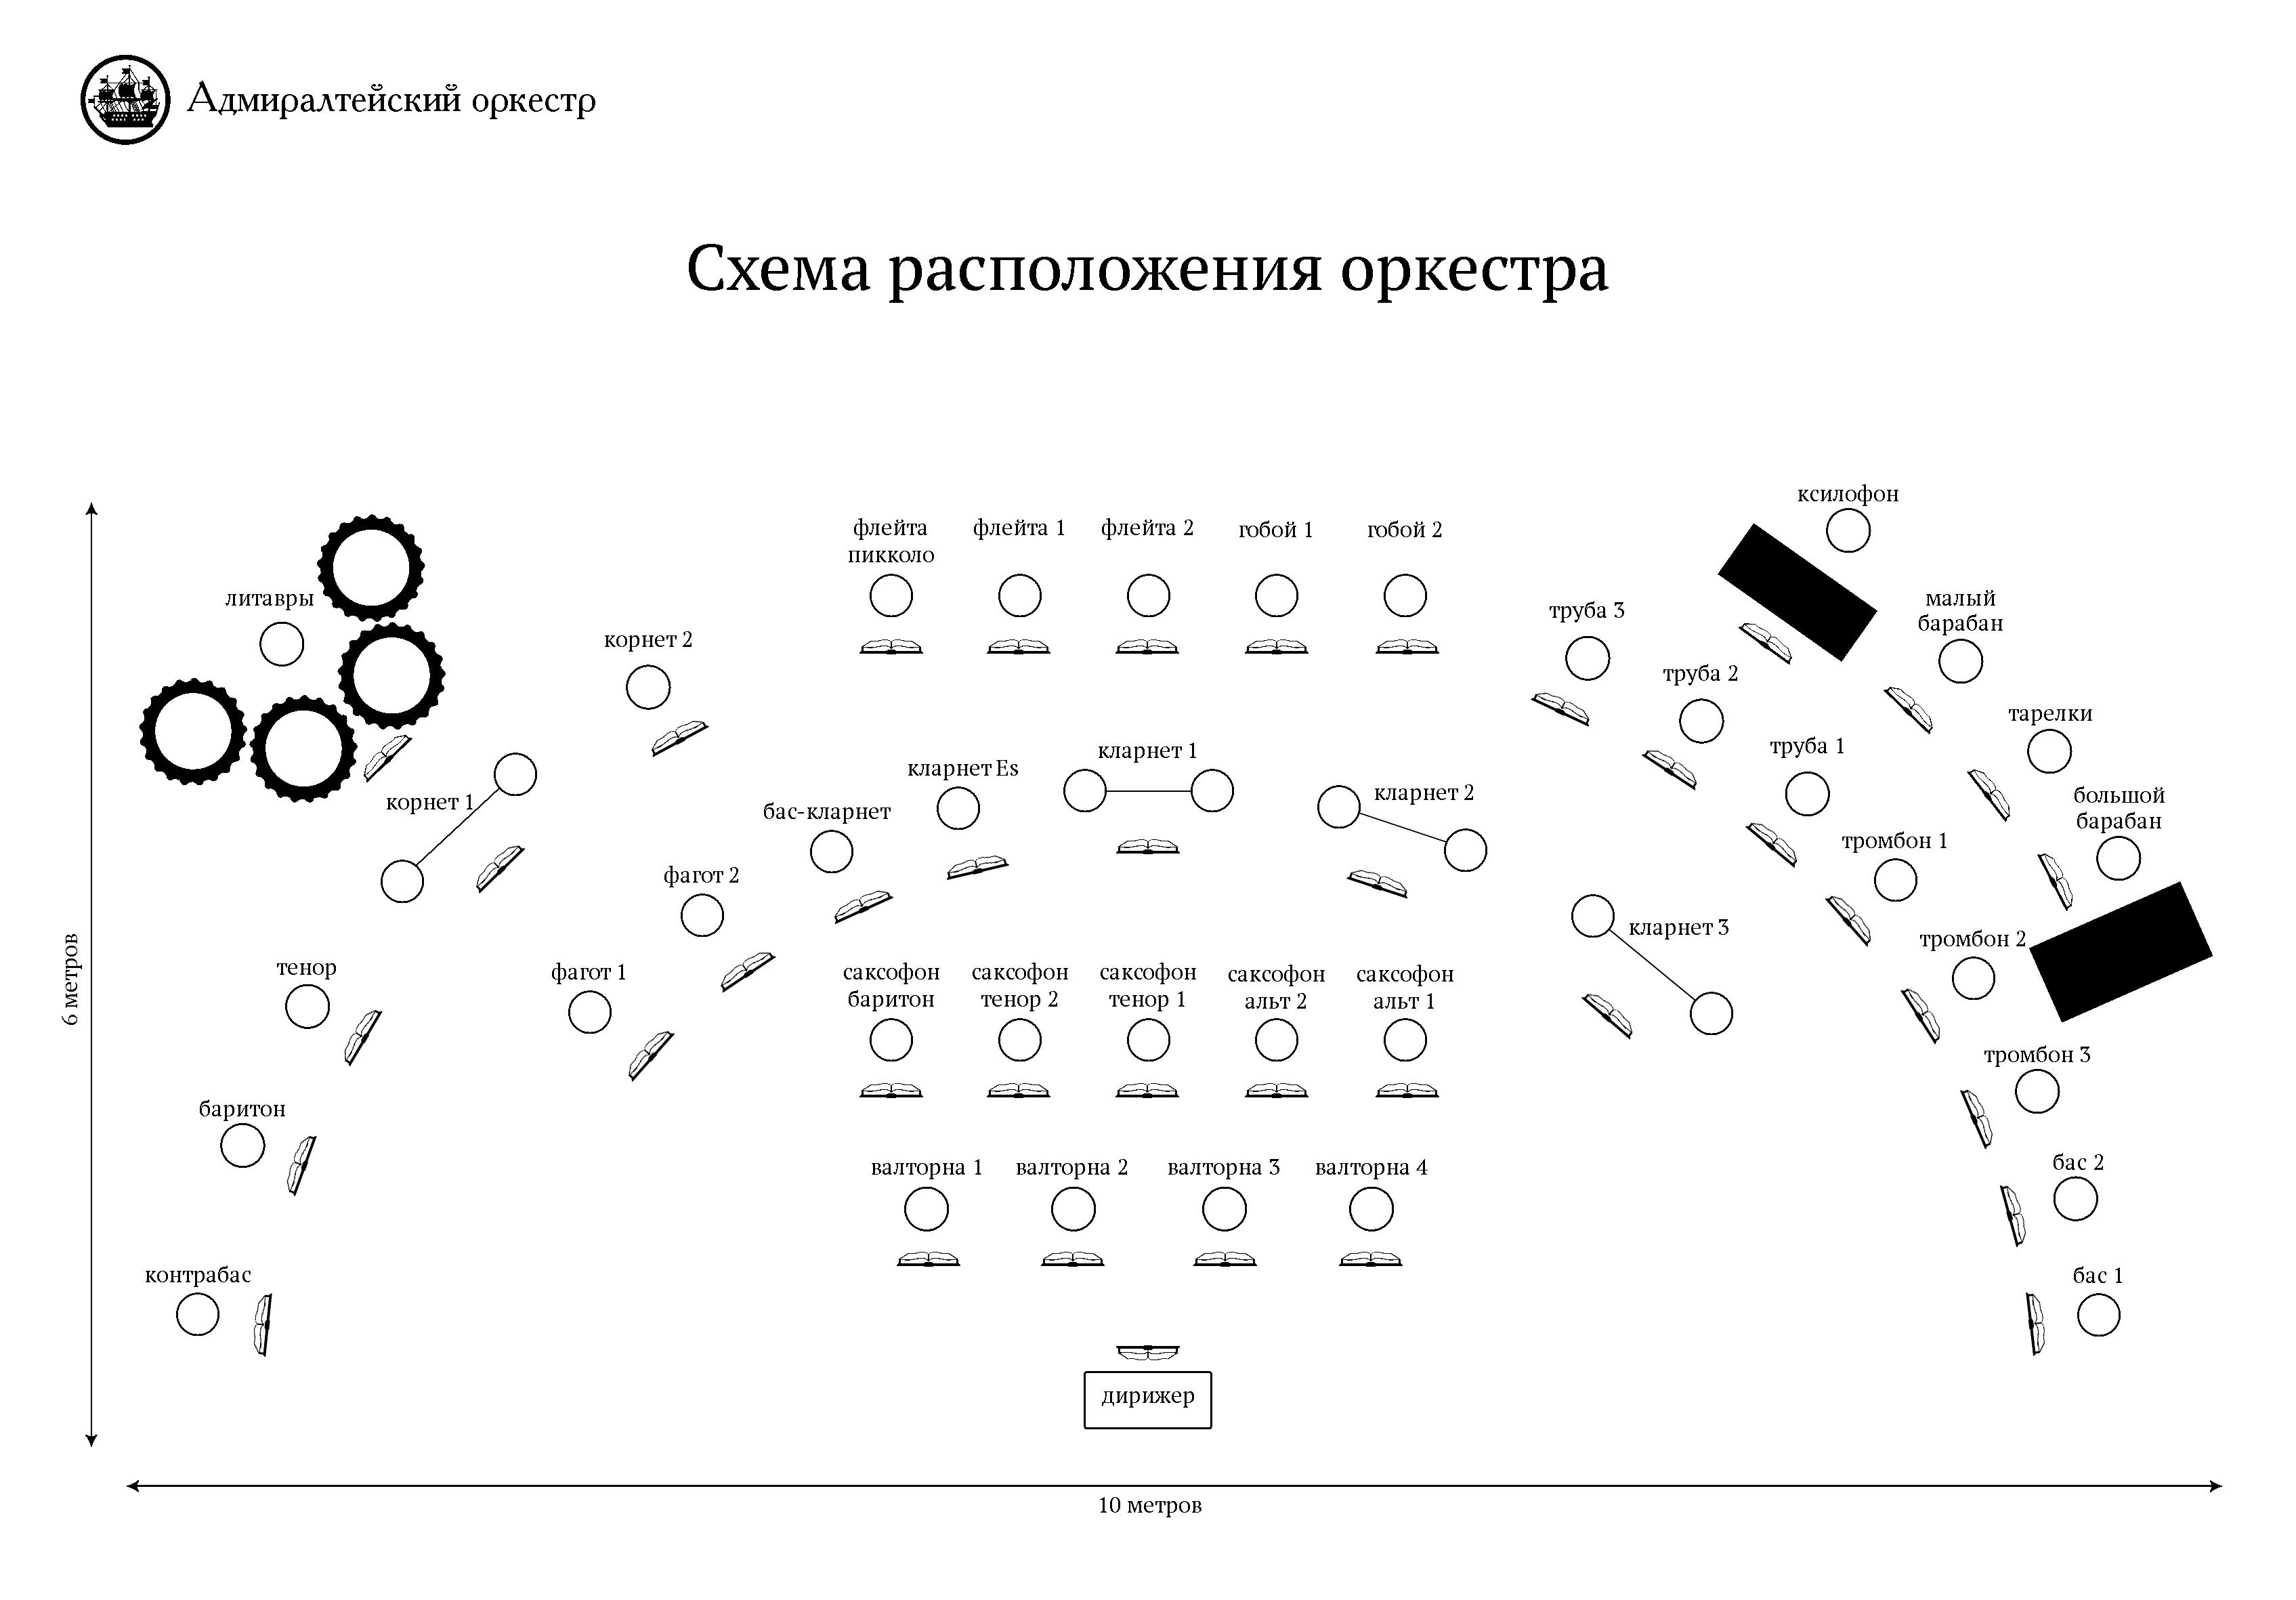 Схема расположения симфонического оркестра